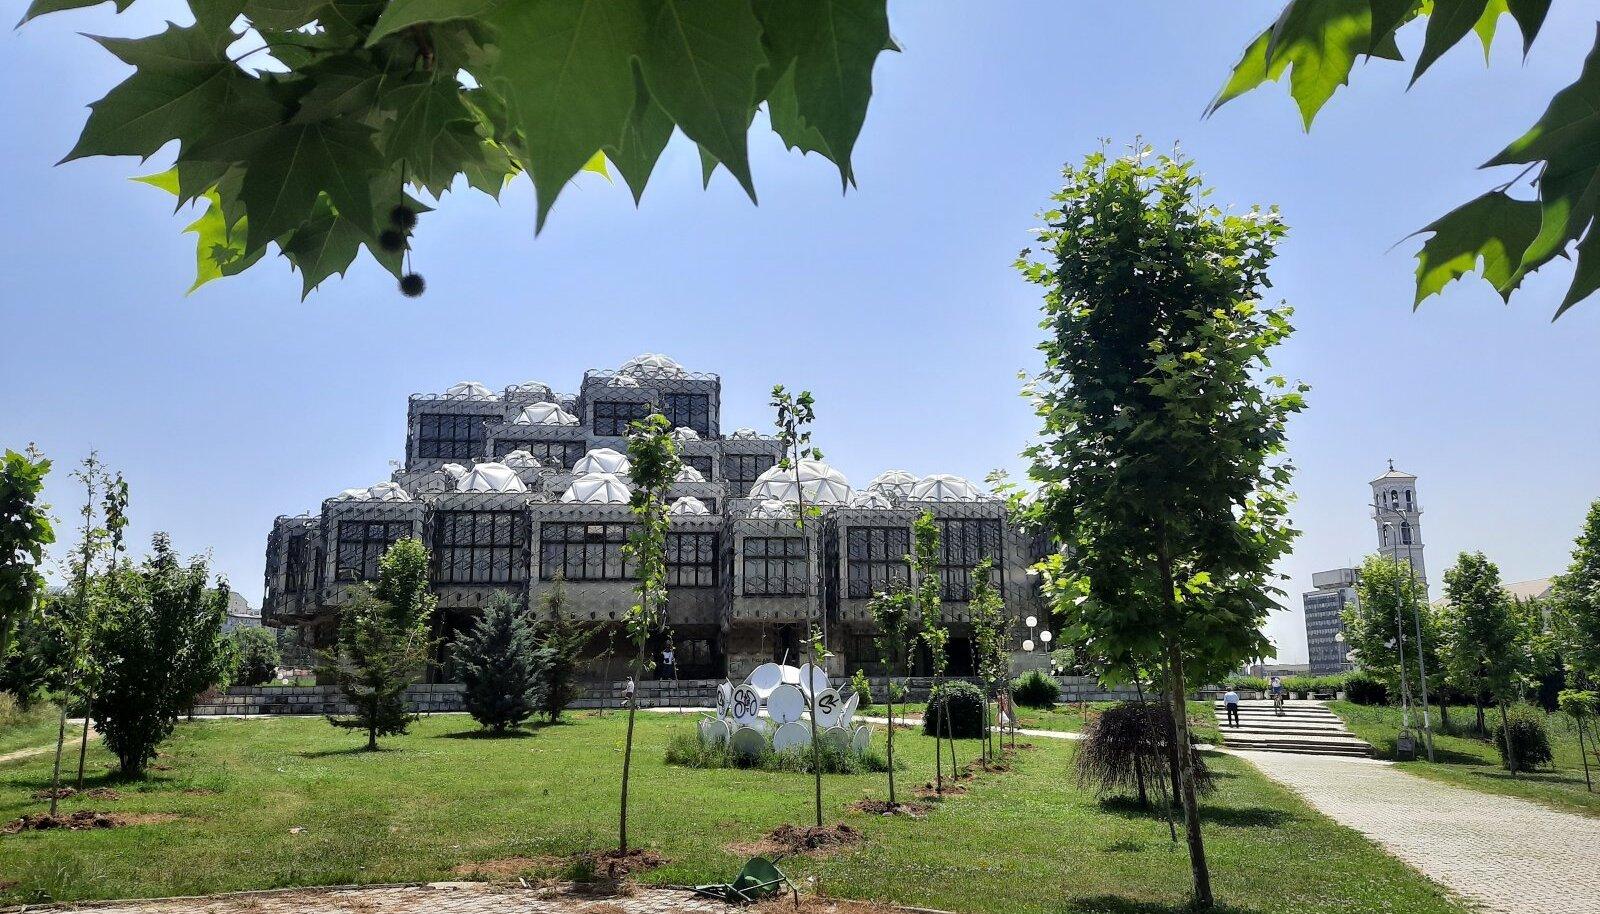 Priština raamatukogu, mis kerkis 1982. aastal. Siin pole ilmselt keskteed: ehitist saad pidada kas kauniks või koledaks.